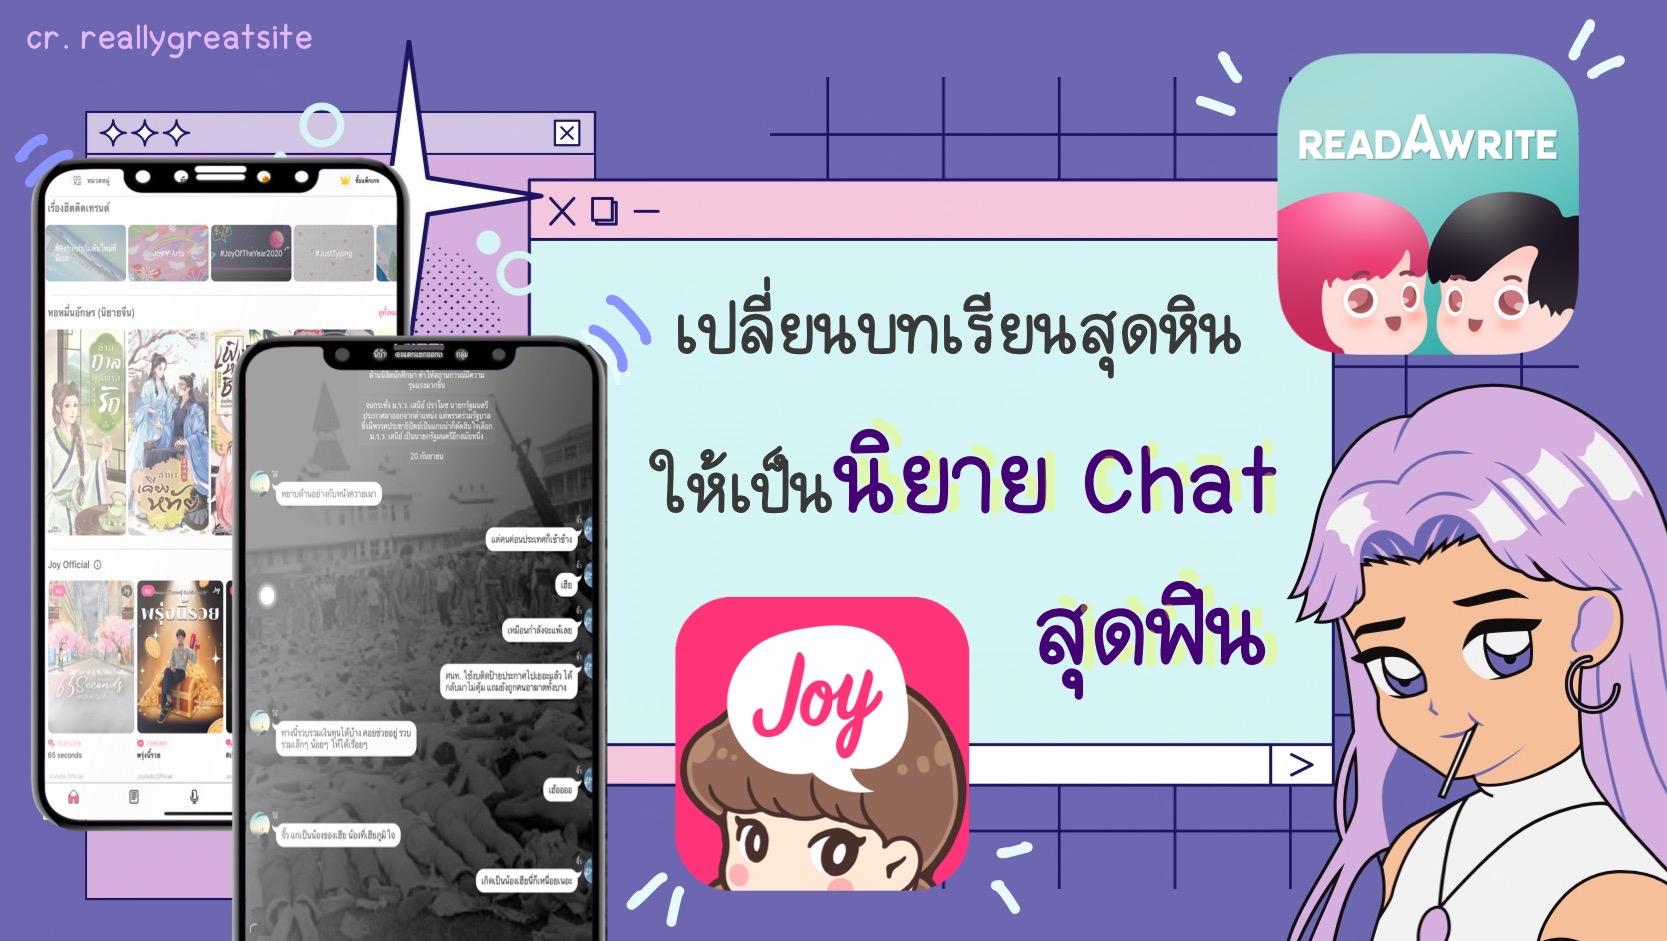 ภาพประกอบไอเดีย เปลี่ยนบทเรียนสุดหินให้เป็นนิยาย Chat สุดฟิน!!!